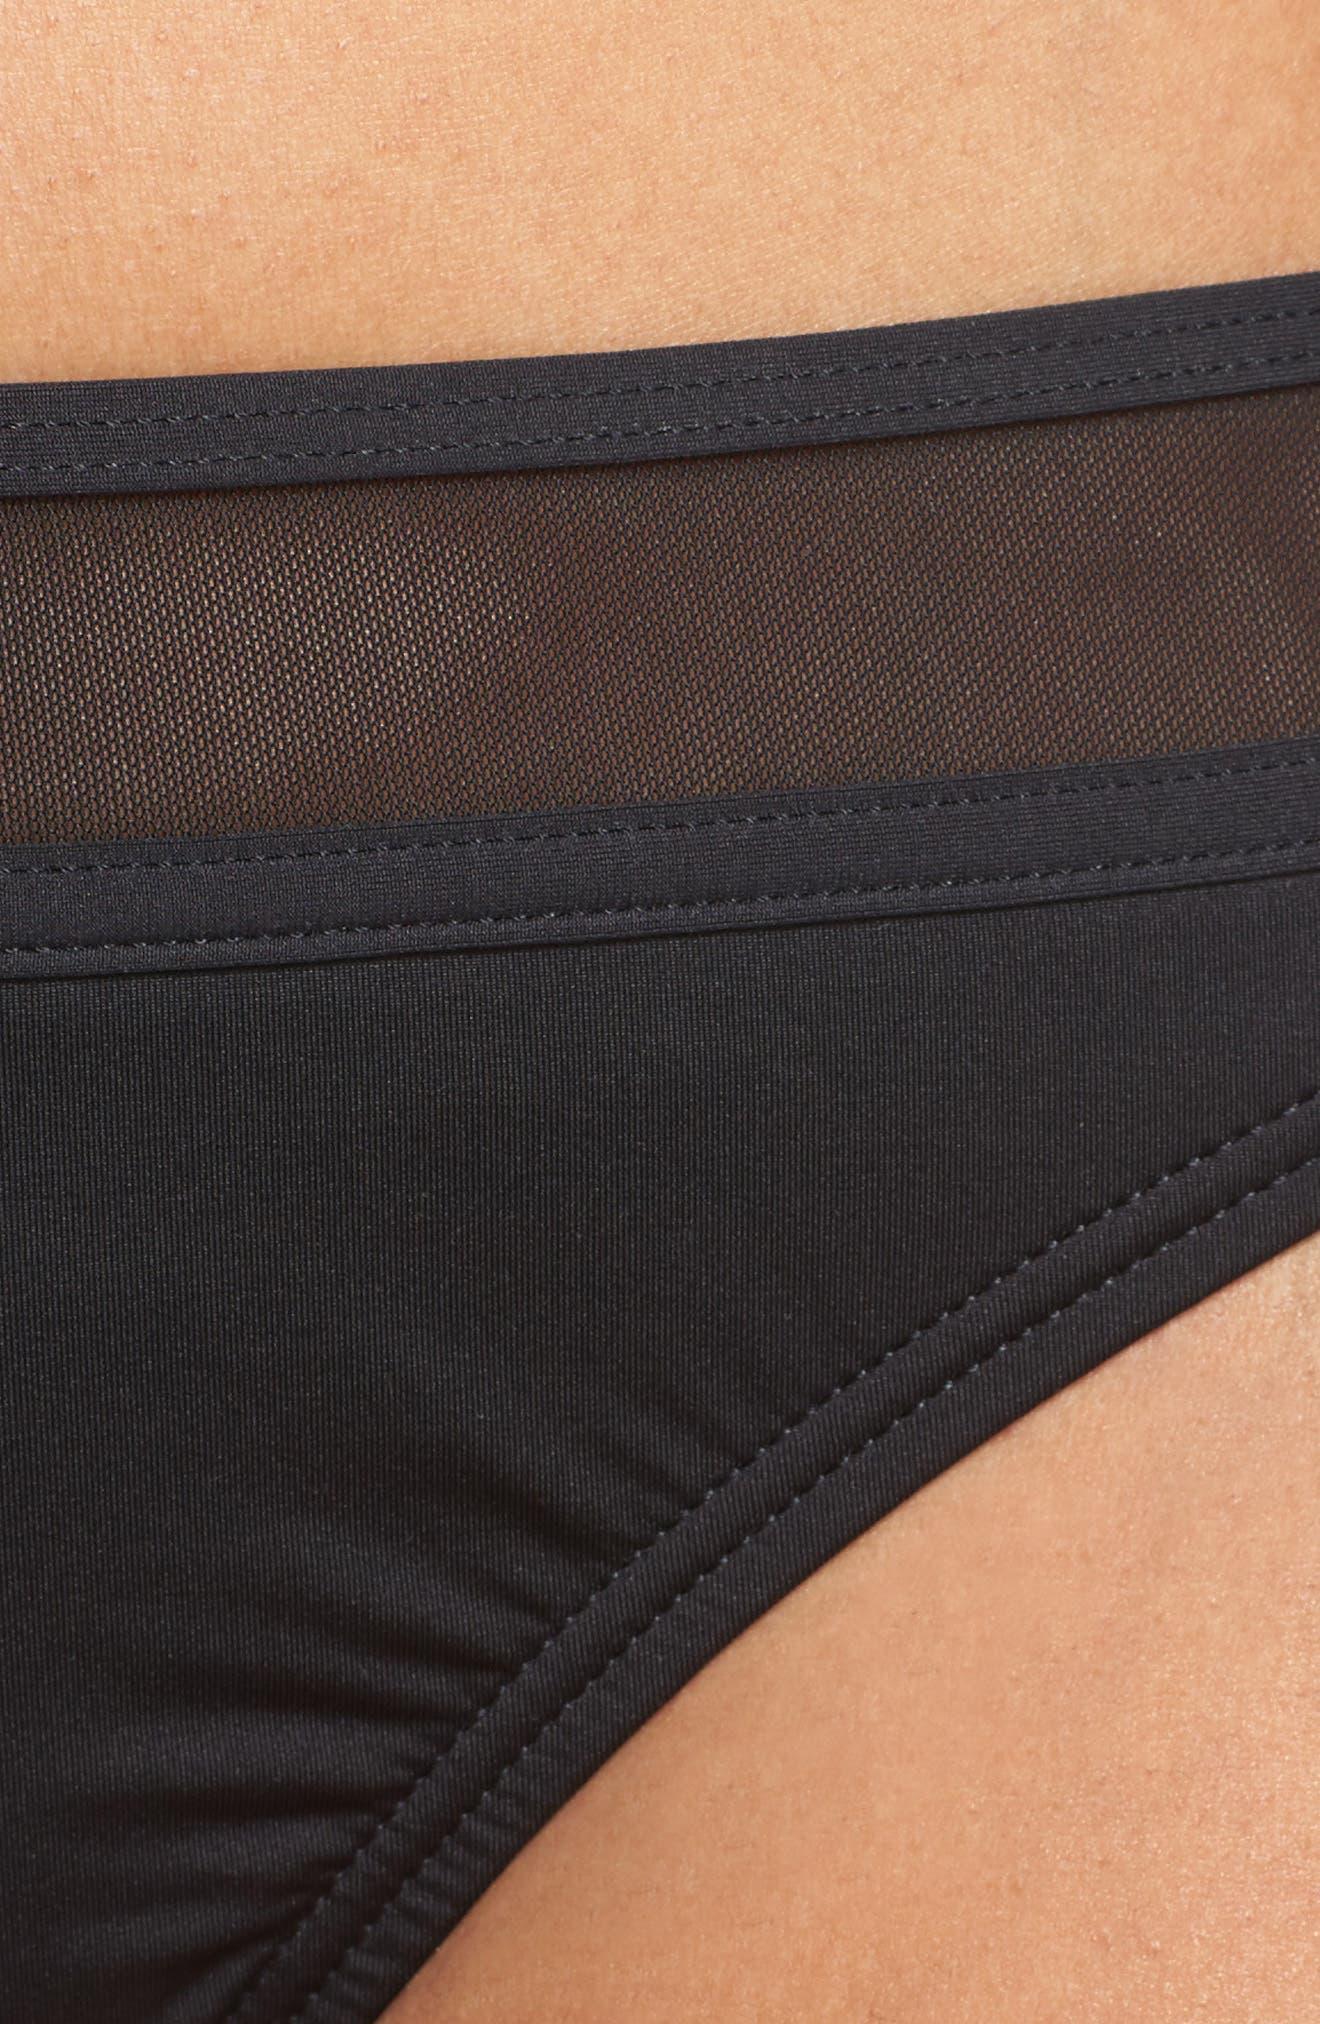 Mesh Bikini Bottoms,                             Alternate thumbnail 5, color,                             001